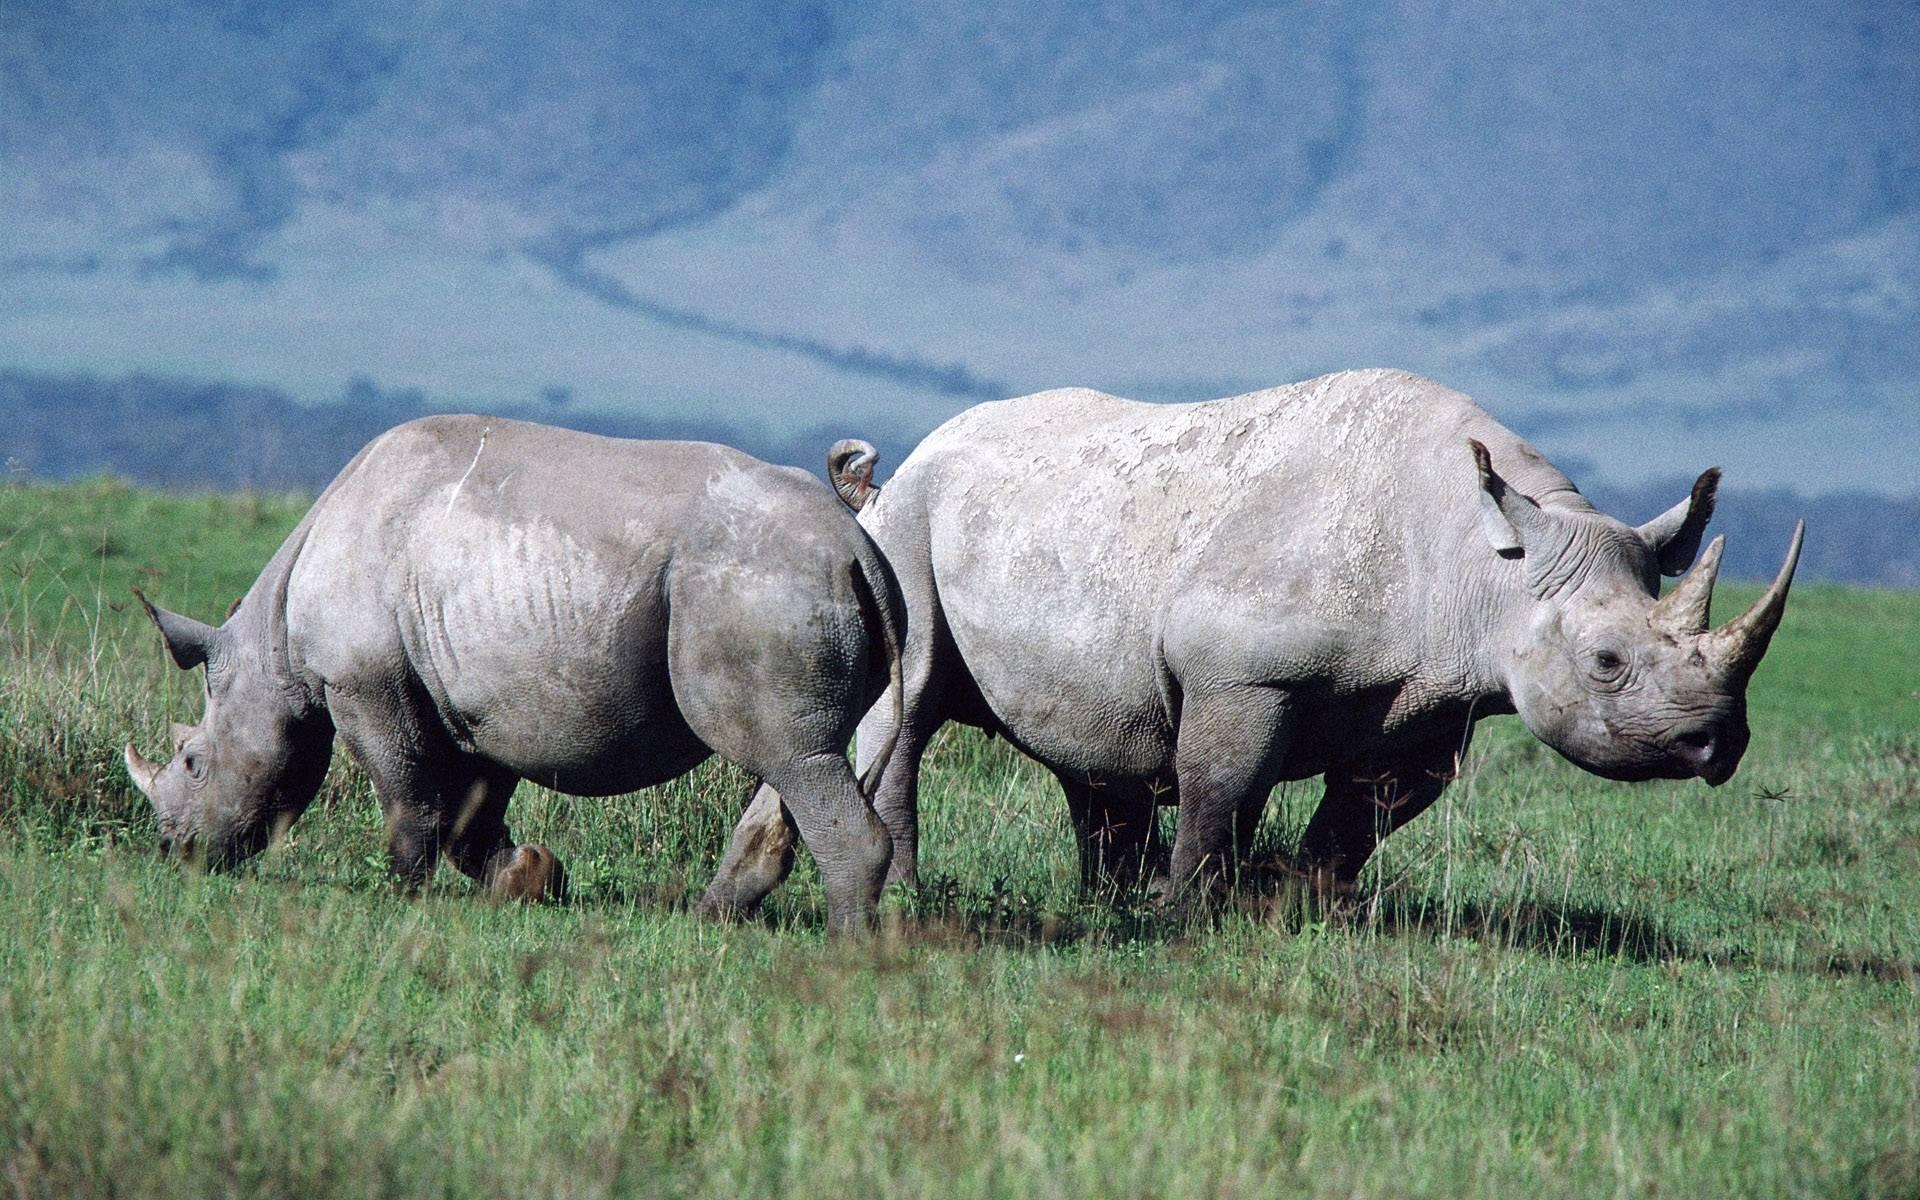 Rhino wallpapers HD quality